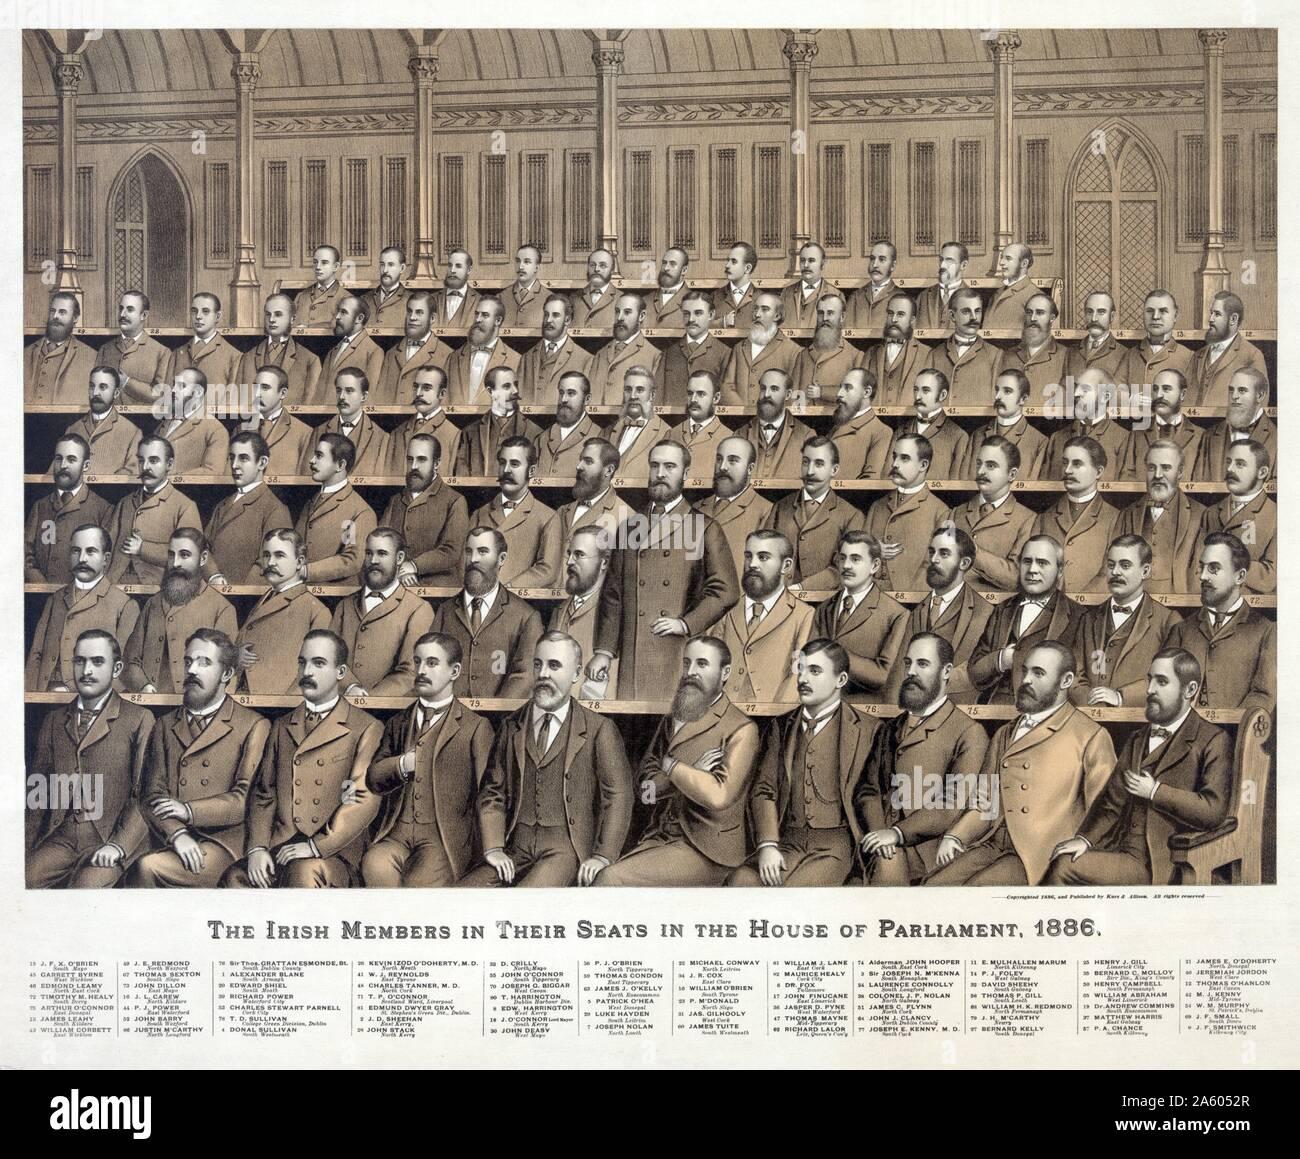 Membres irlandais dans leurs sièges à la Chambre du Parlement; 1886 de l'arrière vers l'avant; 1. Alexander Blane; 2. J.D. Sheehan; 3. Sir Joseph N. M'Kenna; 4. Donal Sullivan; 5. Patrick O'Hea; 6. Le Dr Fox; 7. Joseph Nolan; 8. Edw. Harrington; 9. J.F. Smithwick; 10. William O'Brien; 11. E. Mulhallen Marum; 12. Thomas O'Hanlon; 13. James Leahy; 14. P.J. Foley; 15. J.F.X. O'Brien; 16. J.L. Carew; 17. John Finucane; 18. J. O'Connor; Maire; 19. Le Dr Andrew Commins; 20. Edward Shiel; 21. James E. O'Doherty; 22. Michael Conway; 23. P. M'Donald; 24. Laurence Connolly; 25. Henry J. Gill; 26. Kevin O'Dautres Izod Banque D'Images